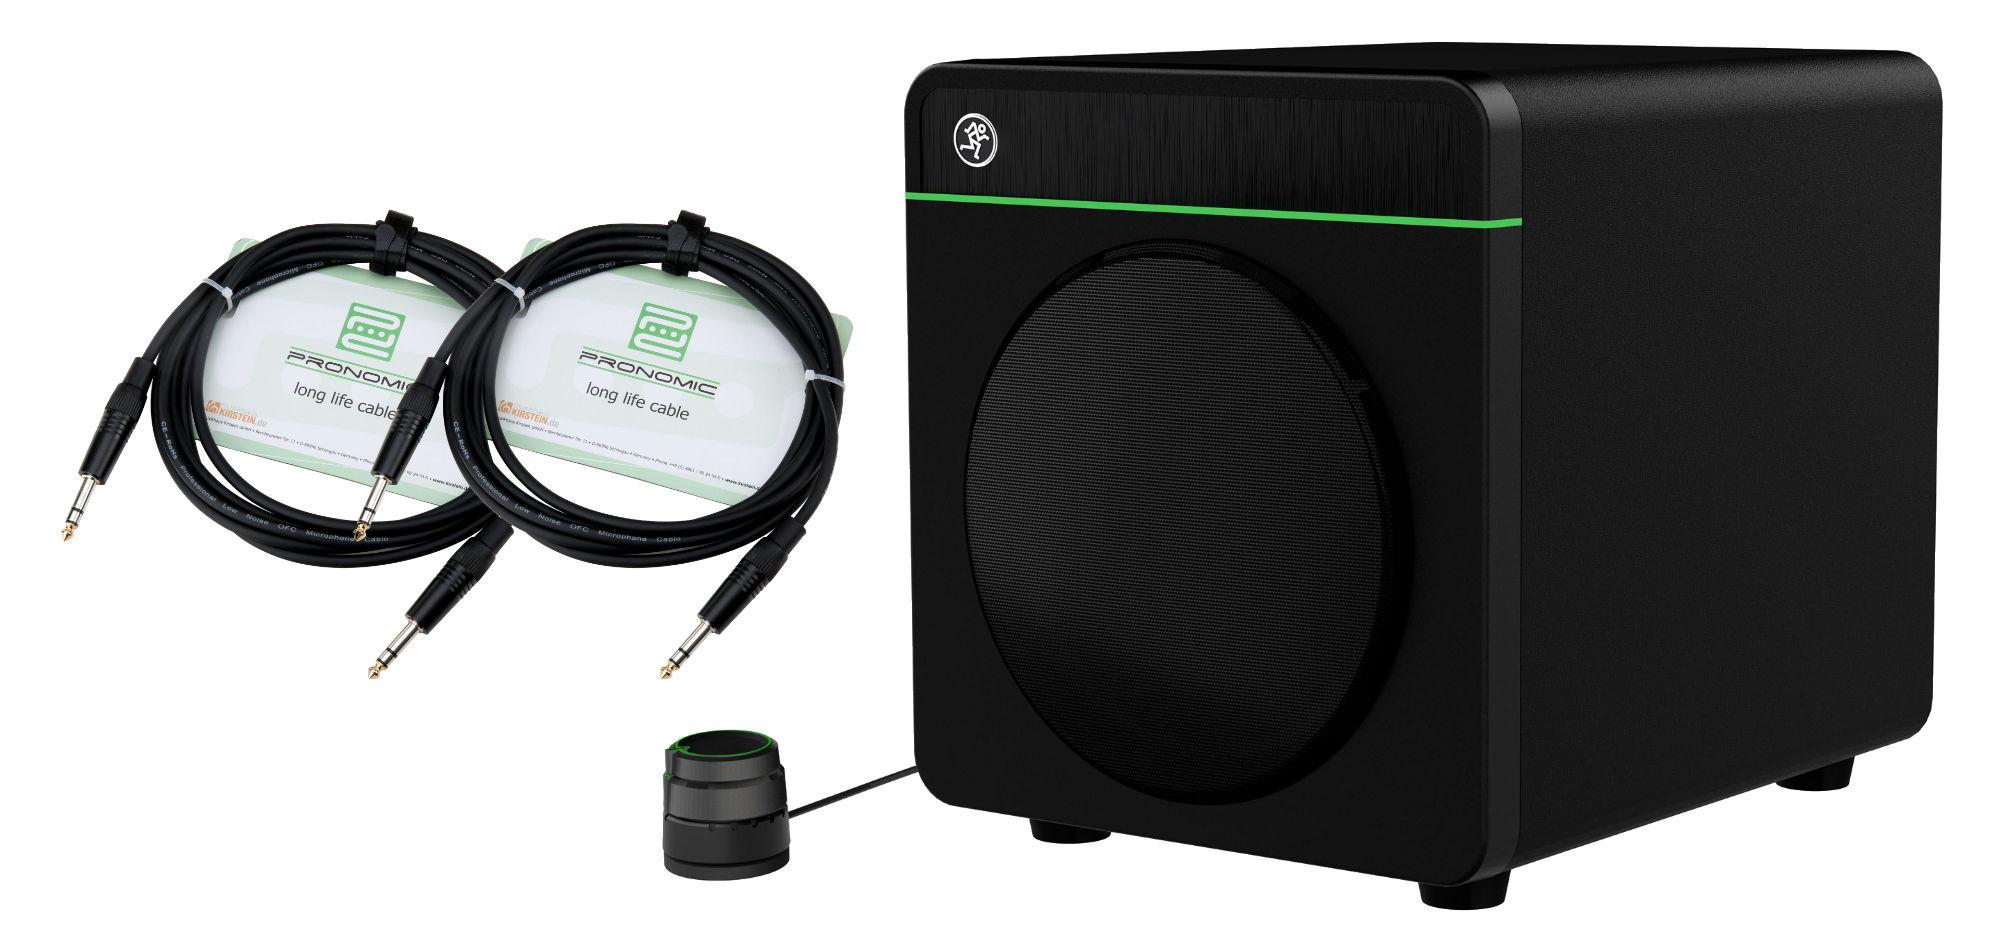 Studiomonitore - Mackie CR8S X BT Aktiv Subwoofer mit Bluetooth Set - Onlineshop Musikhaus Kirstein